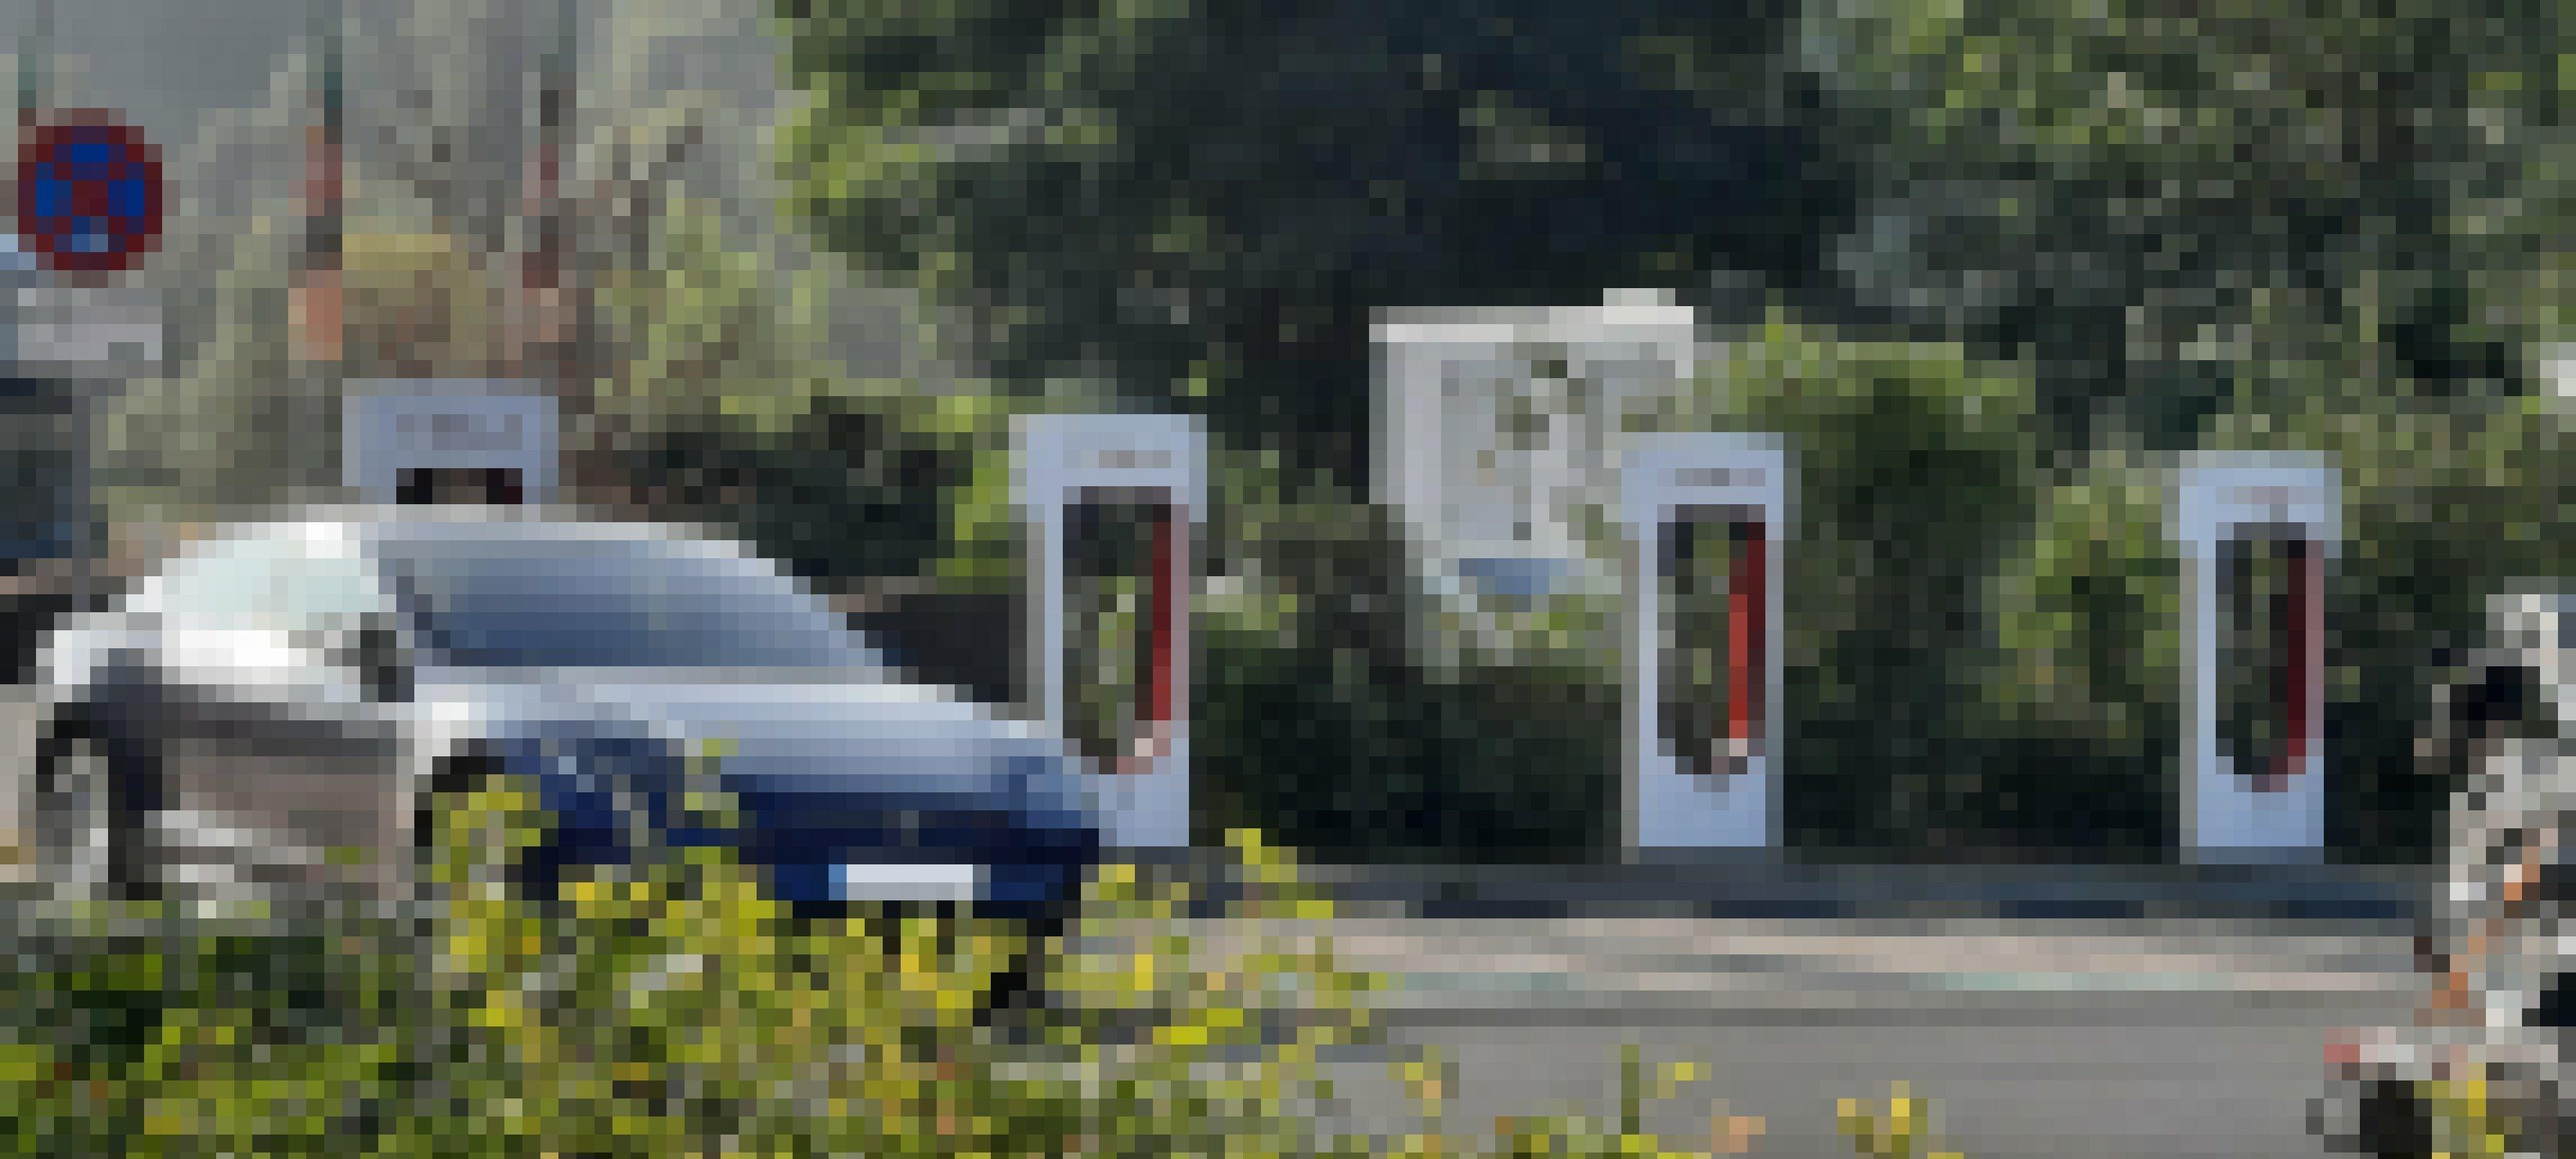 Ein Elektroauto ist an einer Ladesäule angeschlossen. Nebenan befinden sich weitere Parkplätze mit Ladesäulen, die aber nicht belegt sind.